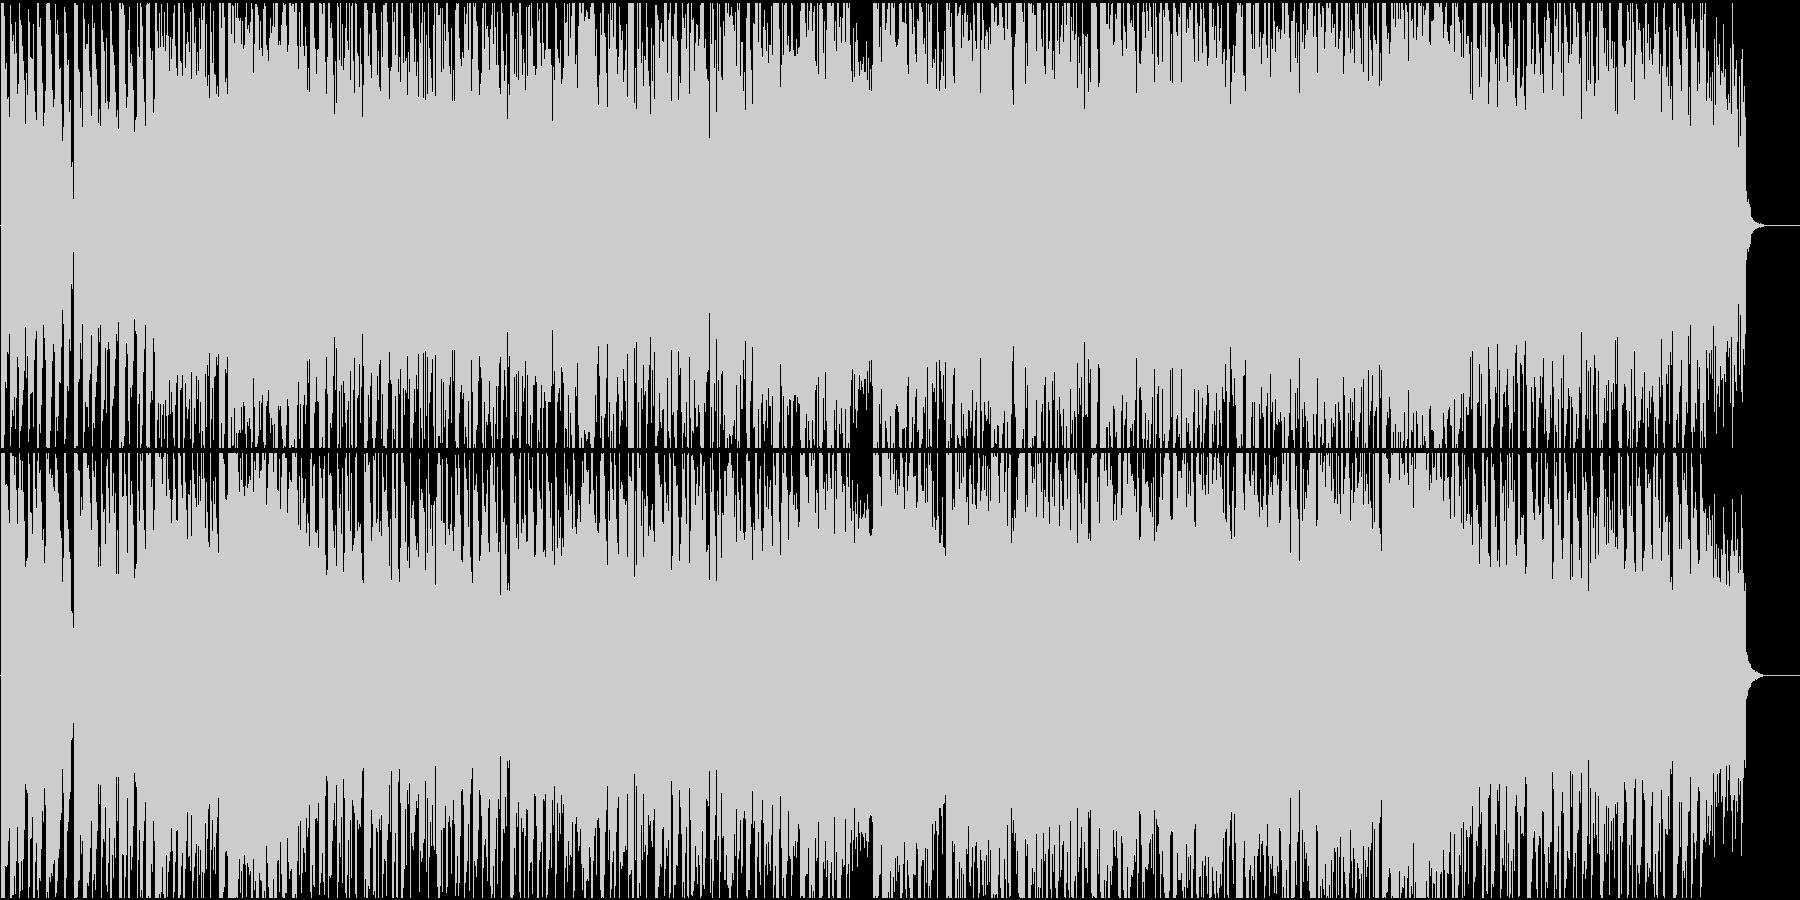 打鍵感の強いピアノが主体のハウスの未再生の波形